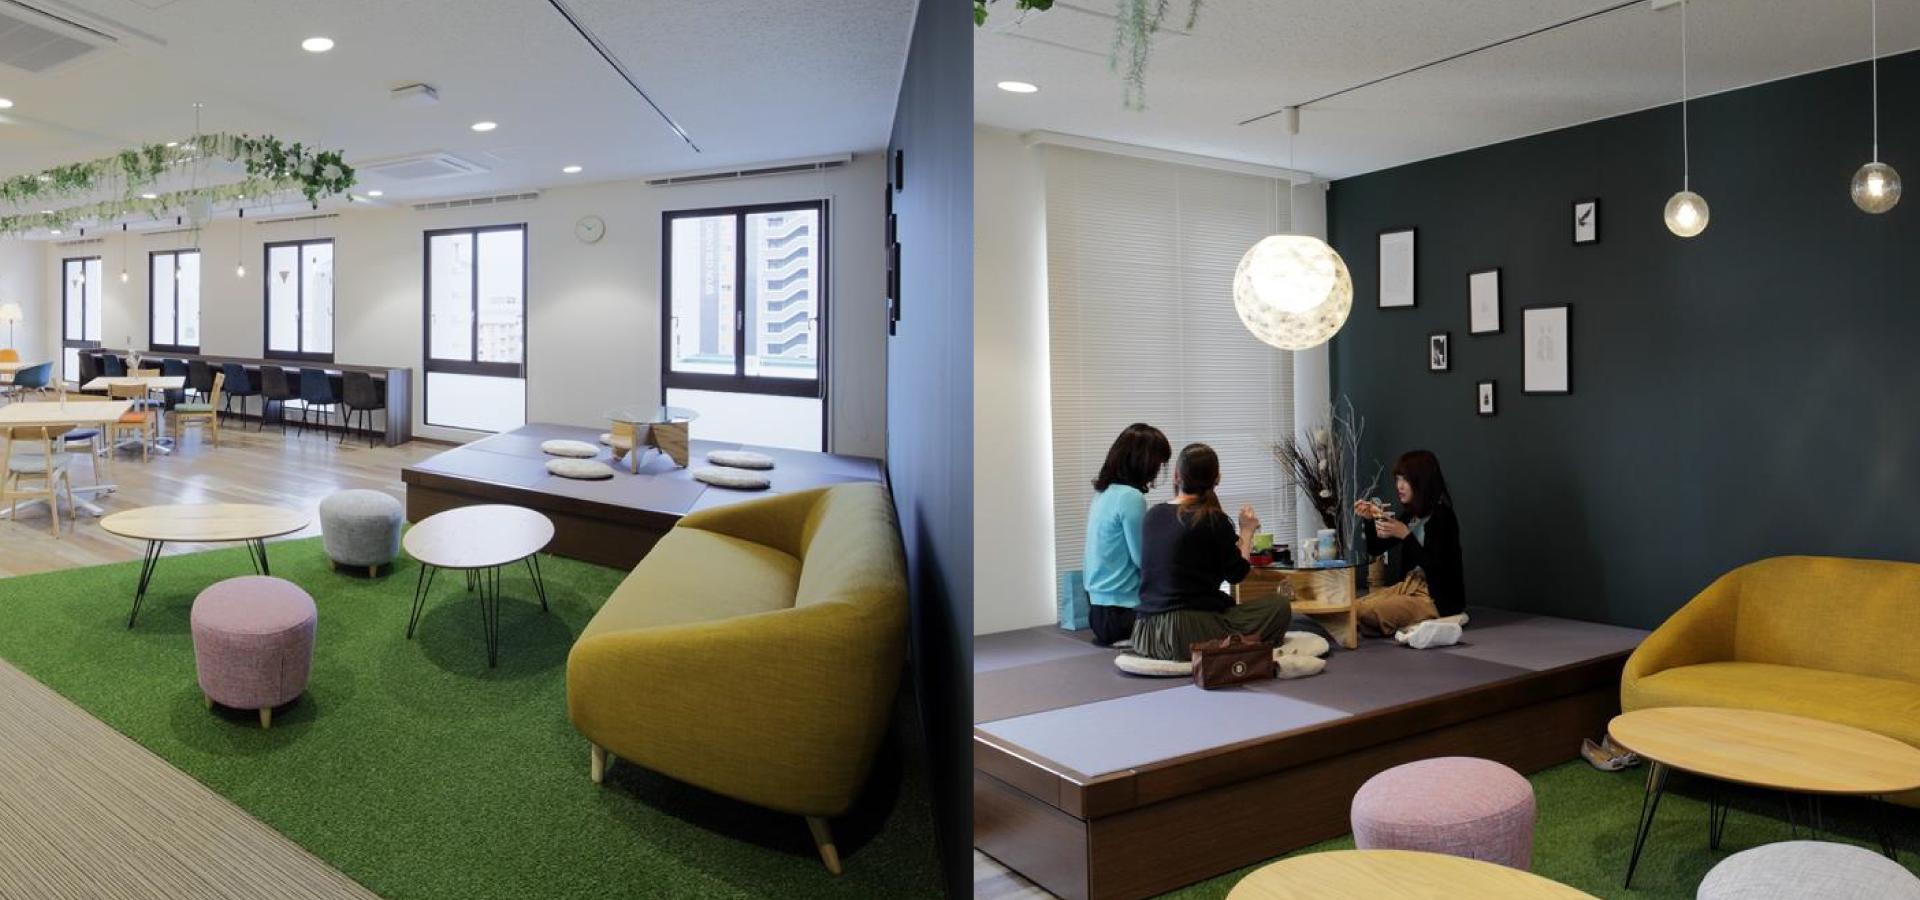 西部ガスリビング様のオフィスカフェ事例